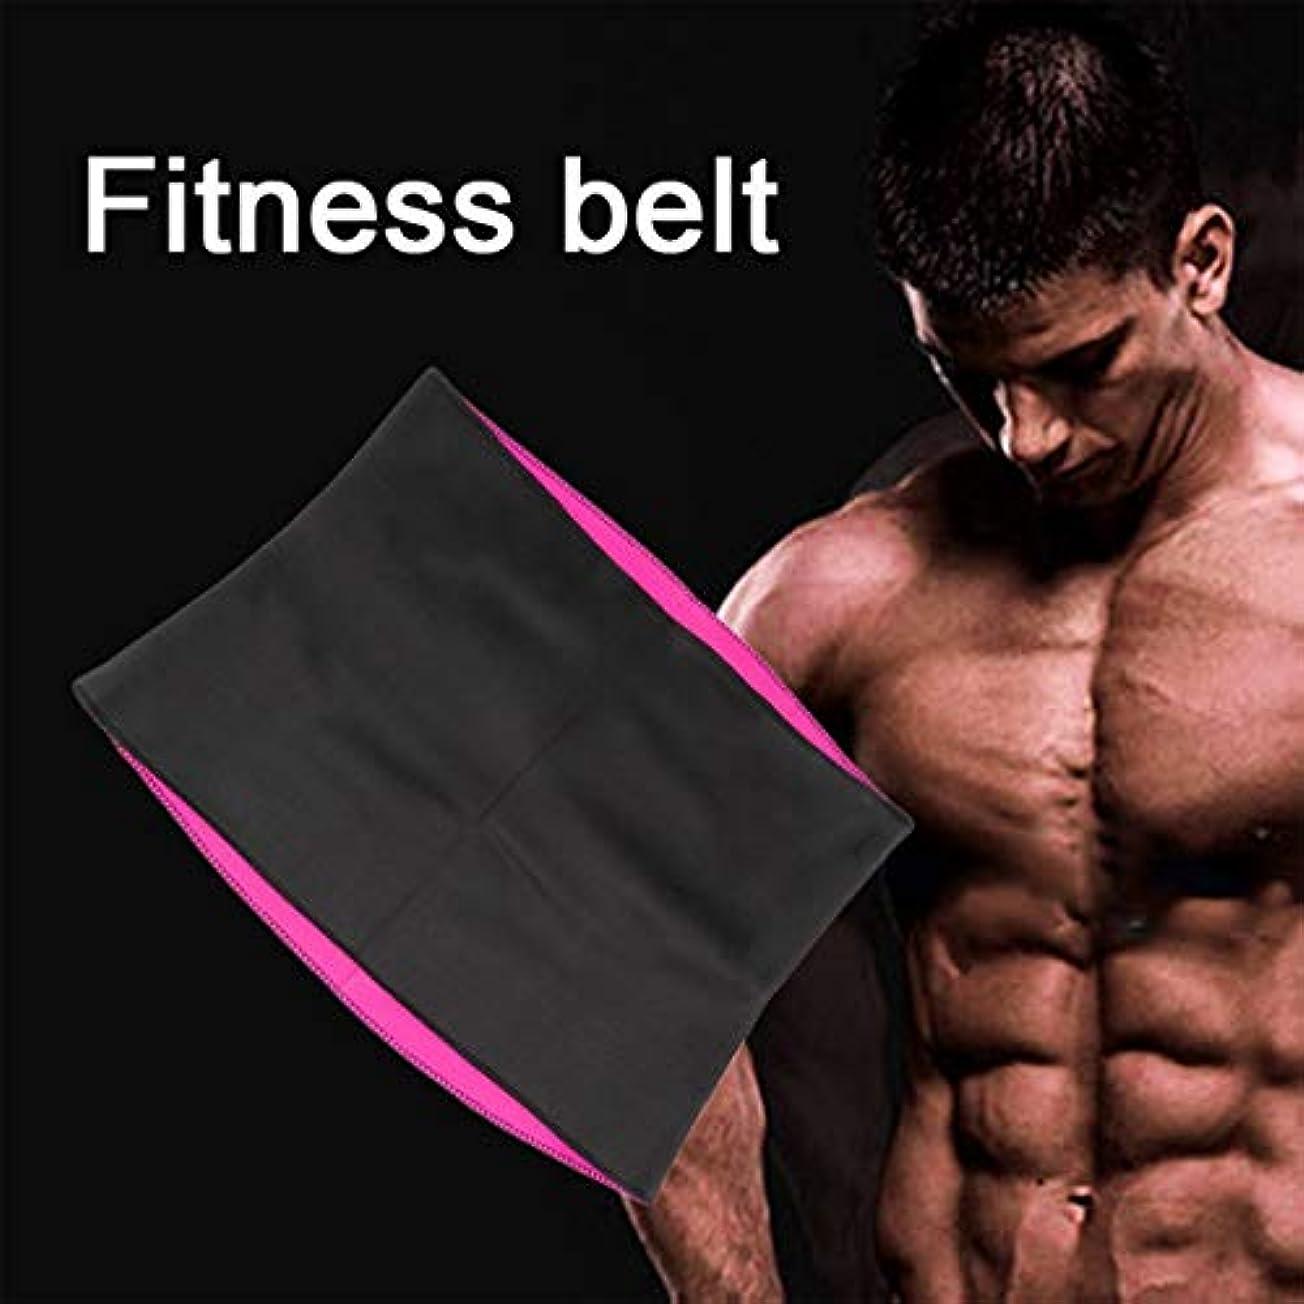 安定した動的ホテルWomen Adult Solid Neoprene Healthy Slimming Weight Loss Waist Belts Body Shaper Slimming Trainer Trimmer Corsets